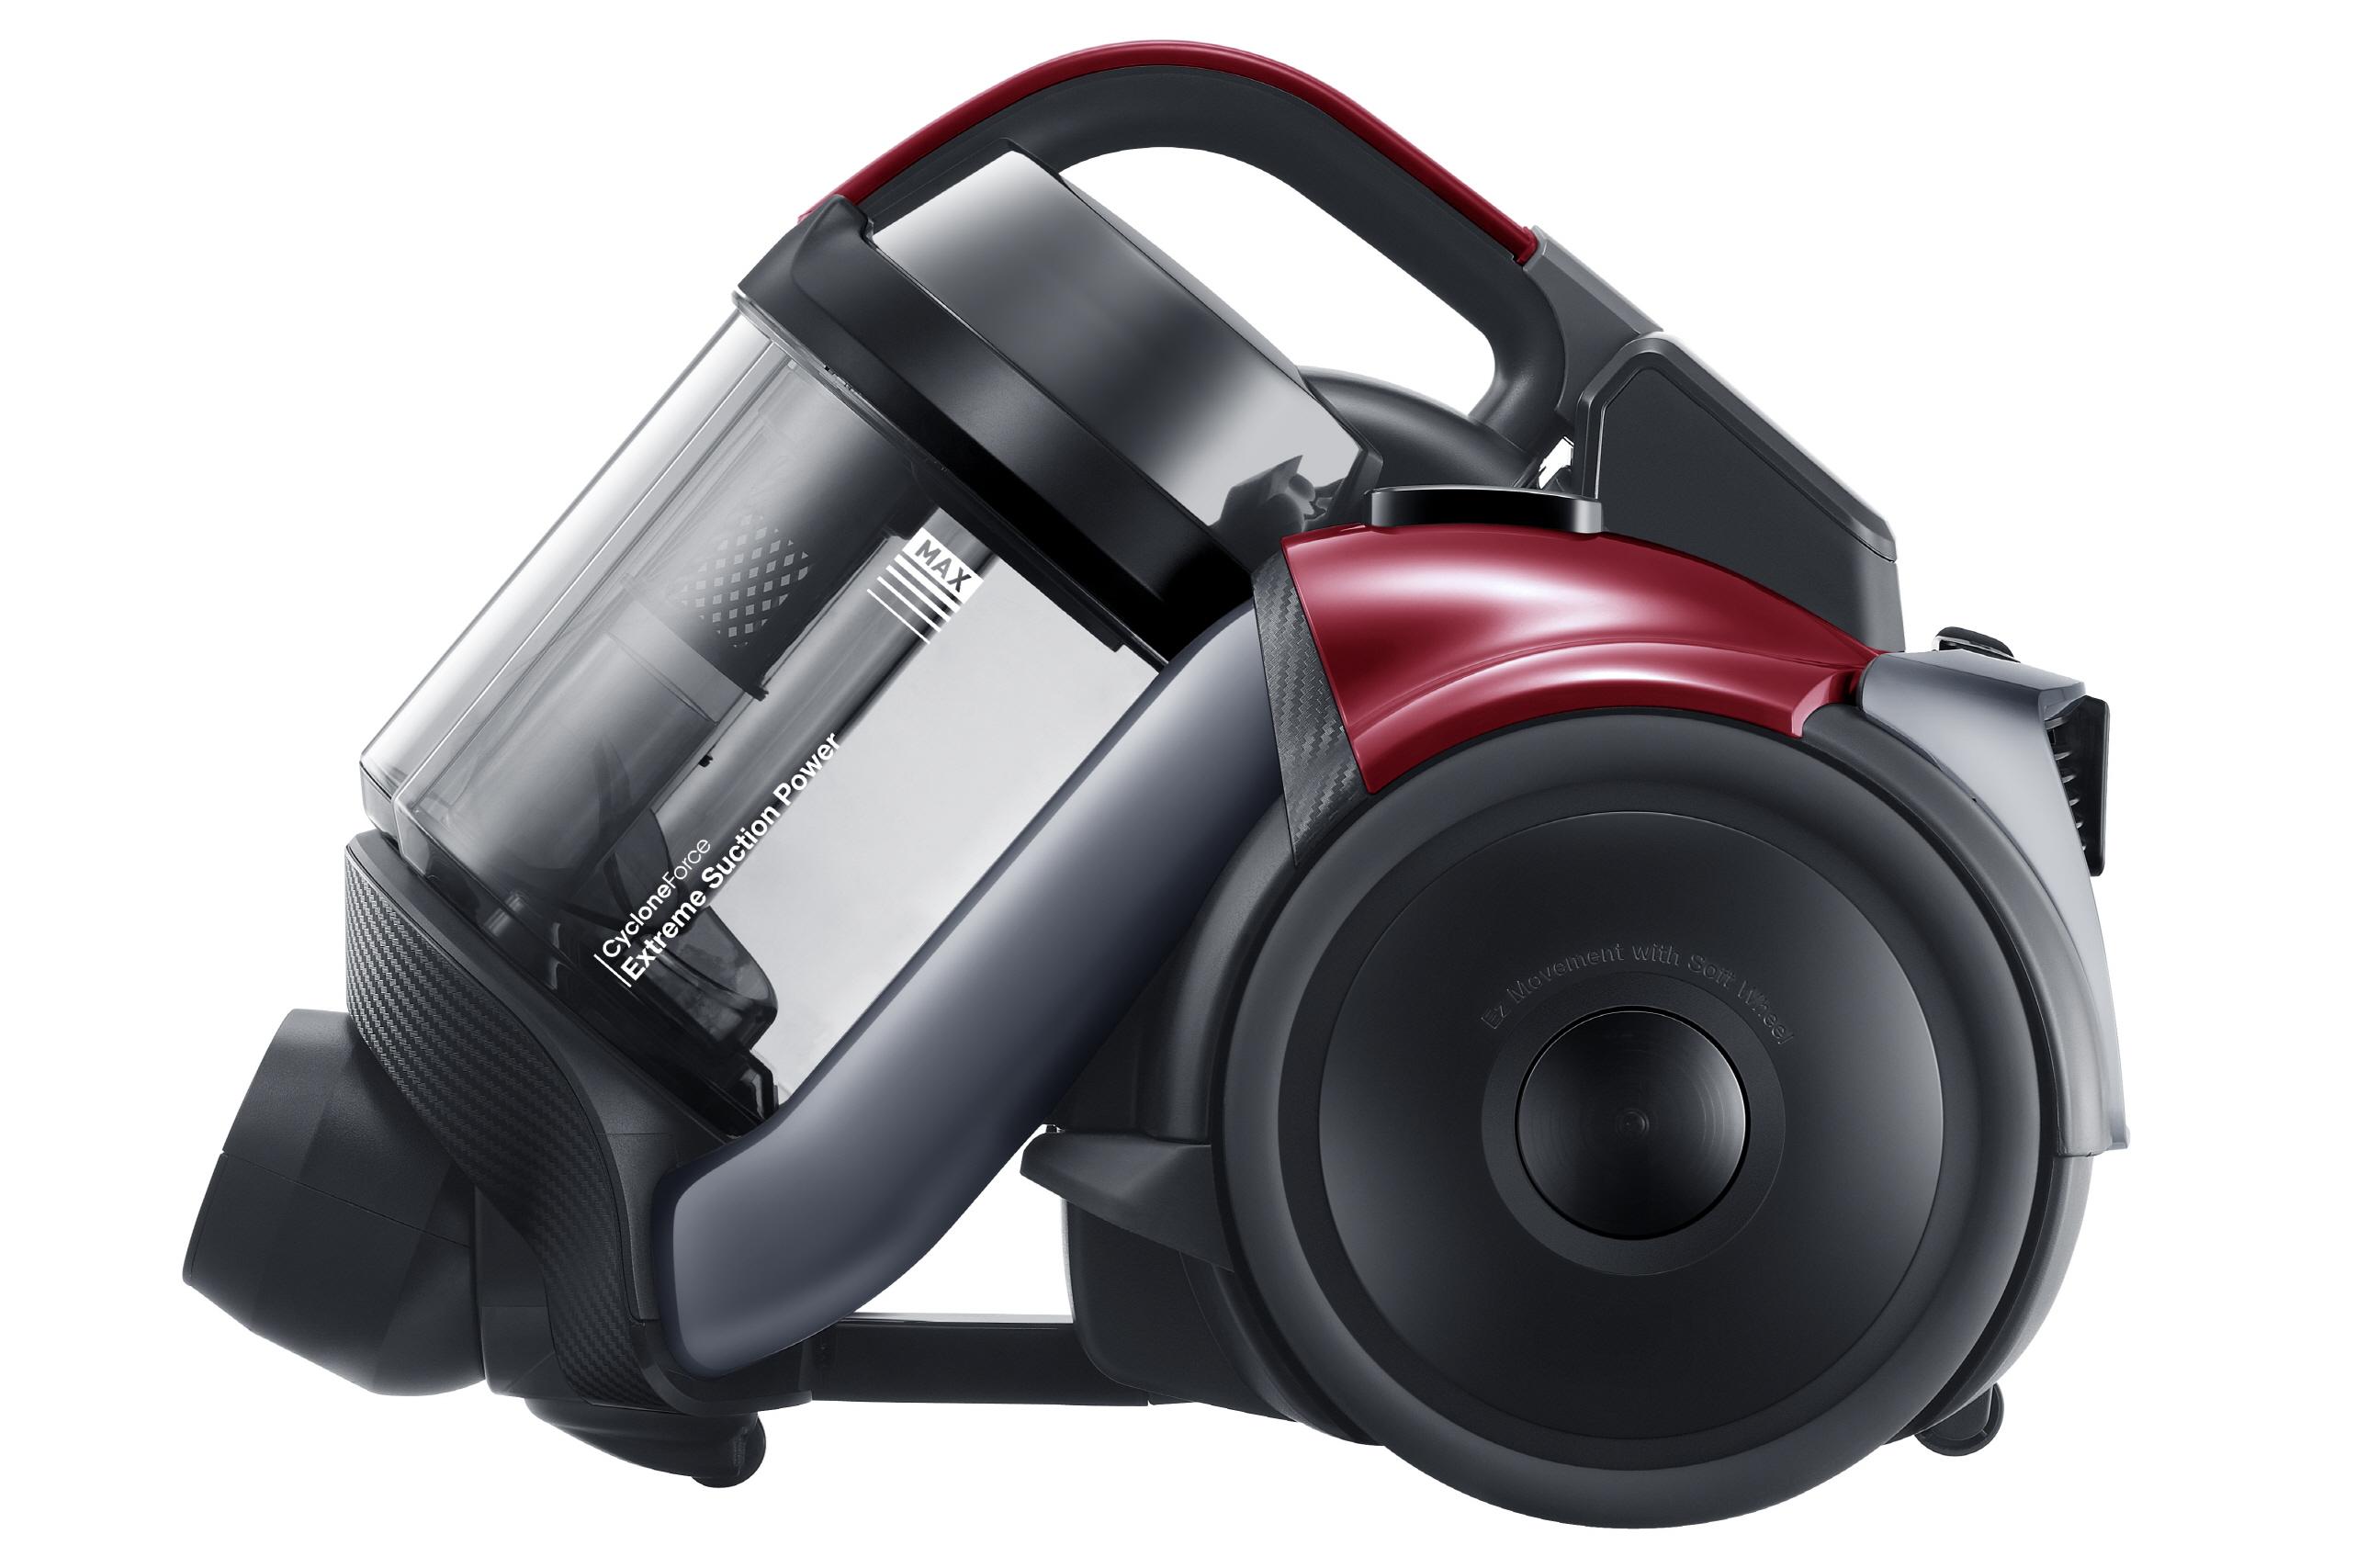 삼성전자 진공청소기 VC5000 제품 사진입니다.